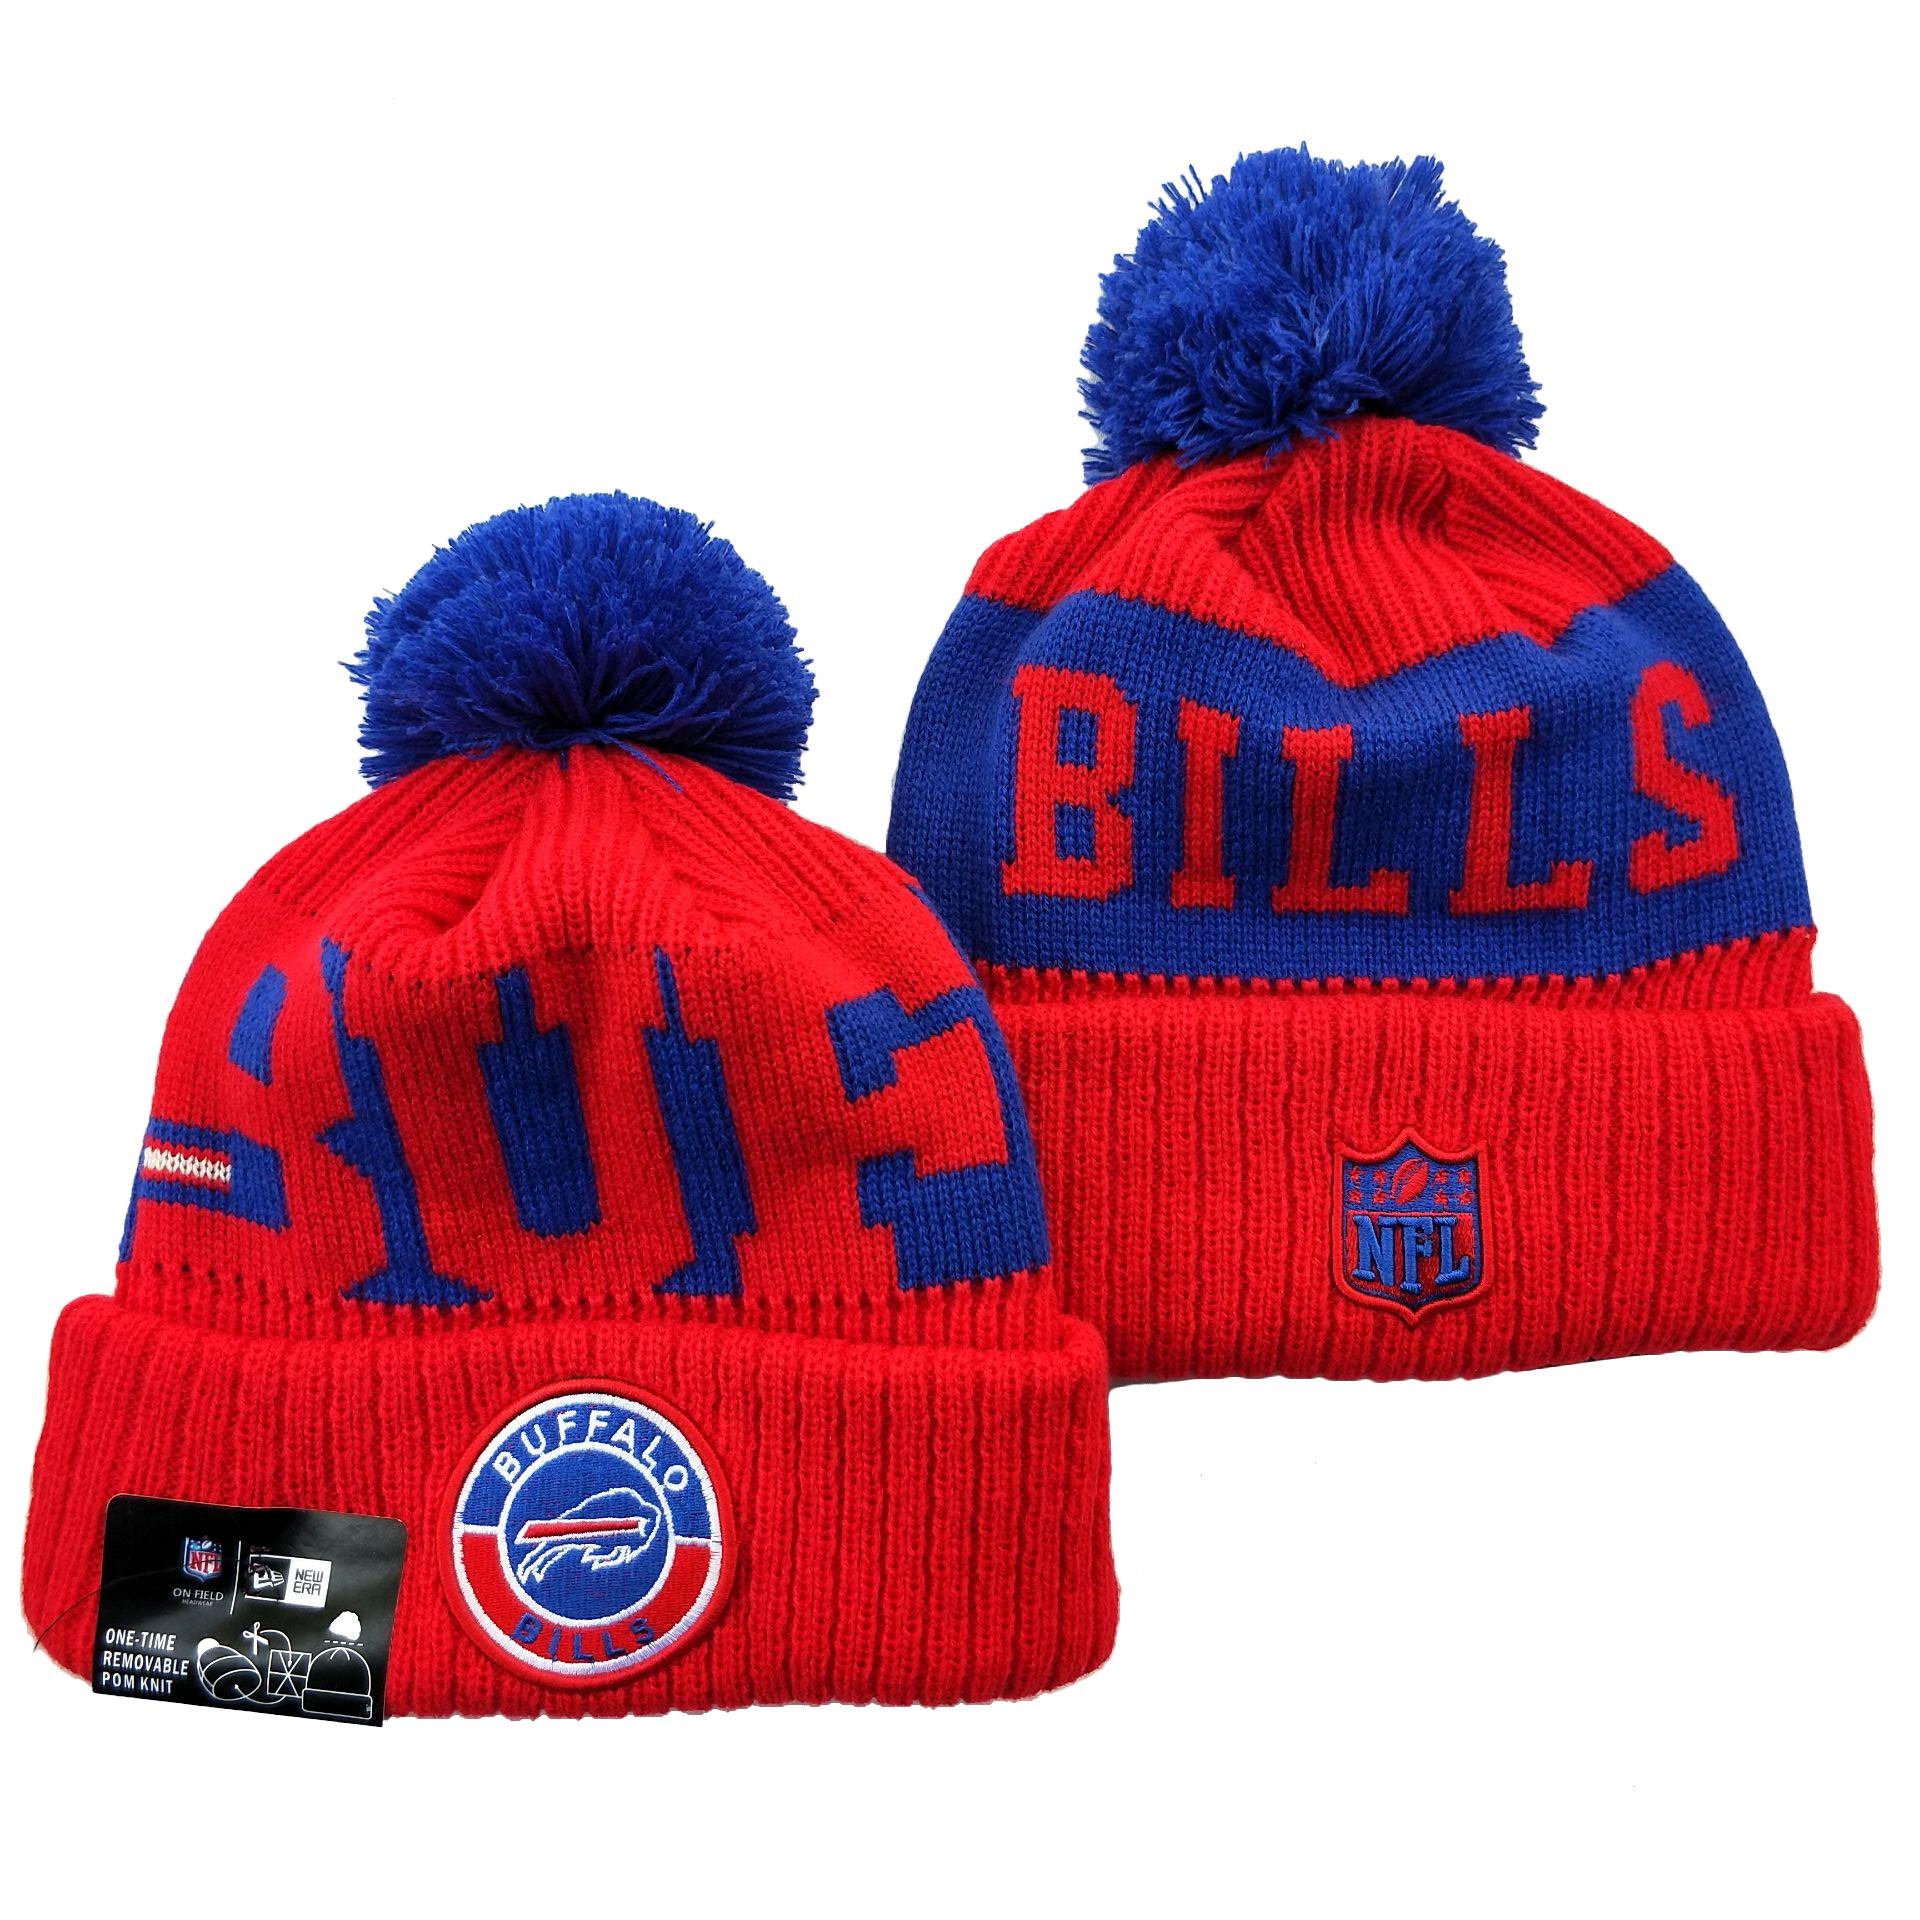 Bills Team Logo Red 2020 NFL Sideline Pom Cuffed Knit Hat YD